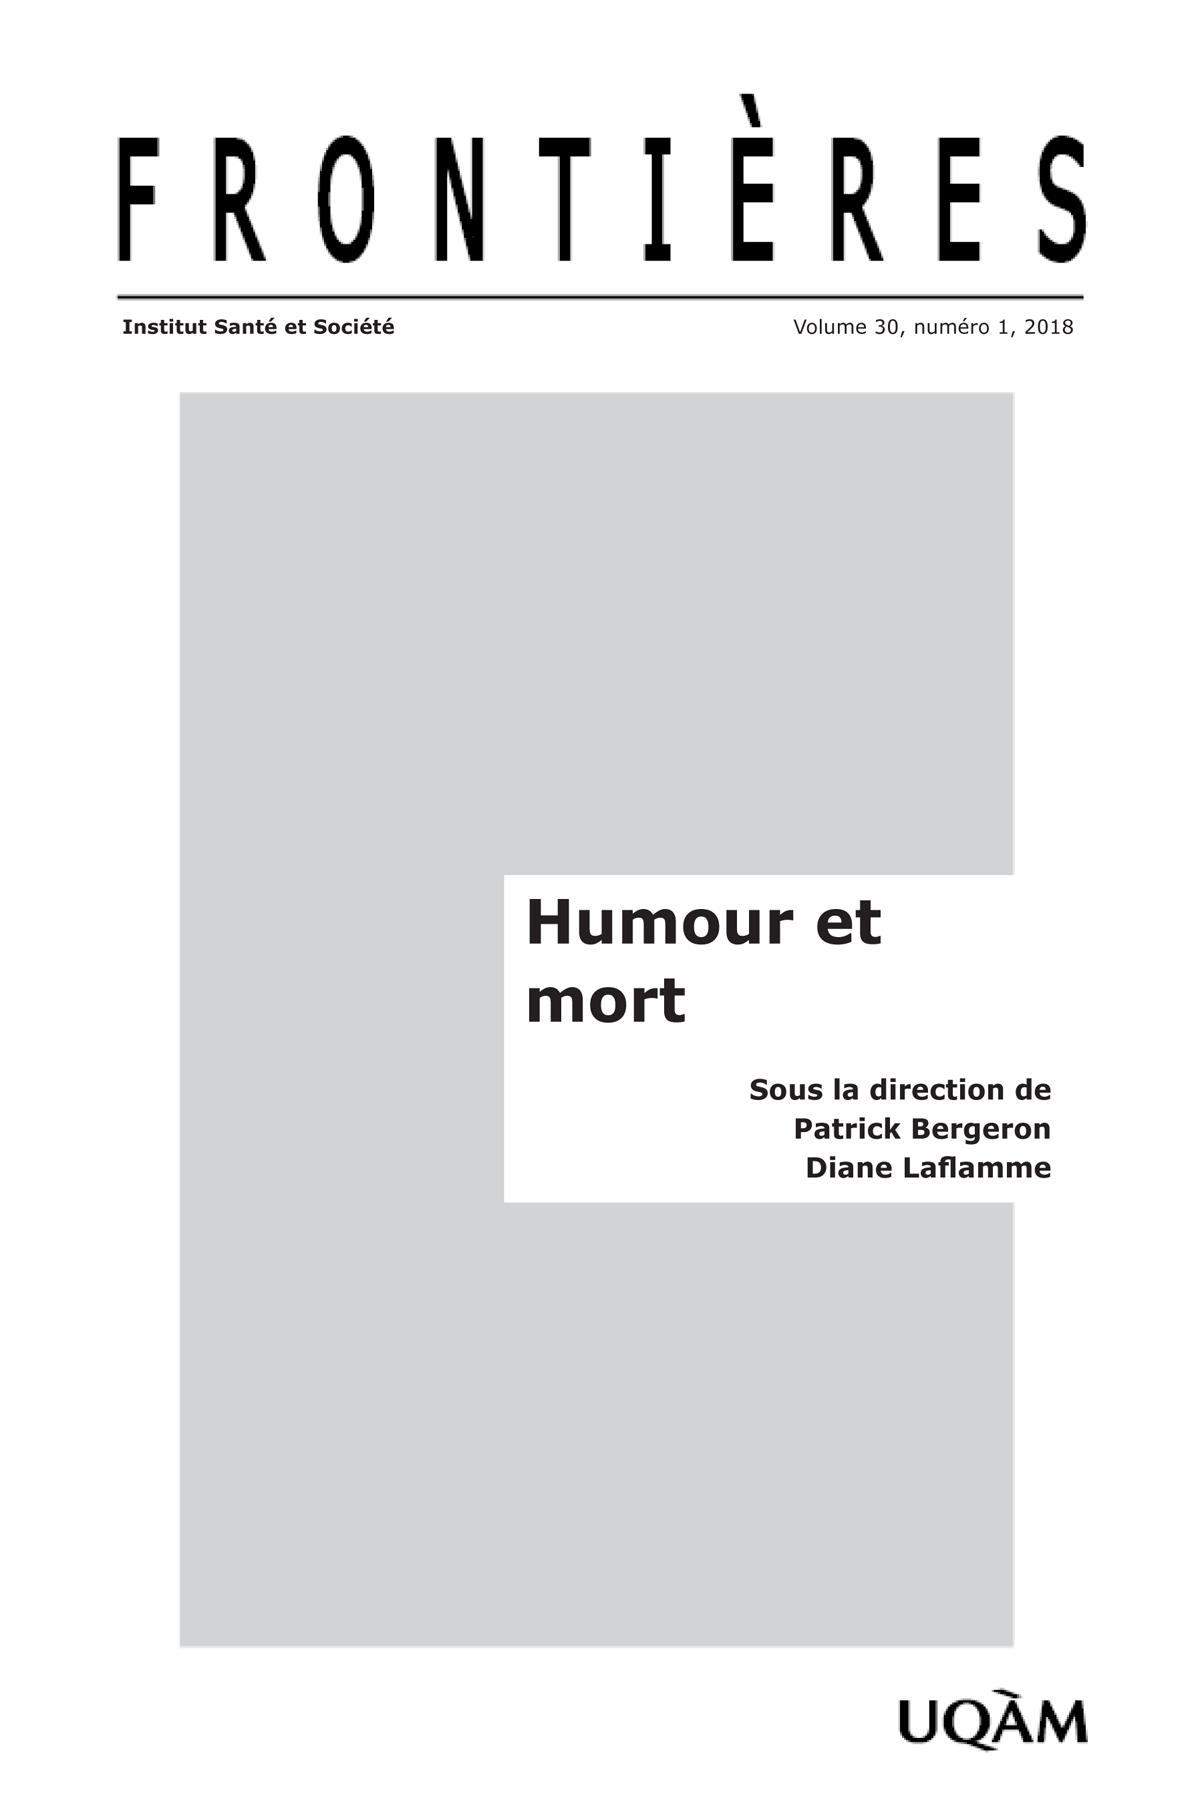 Frontières. Humour et mort (vol. 30, no. 1,  2018)